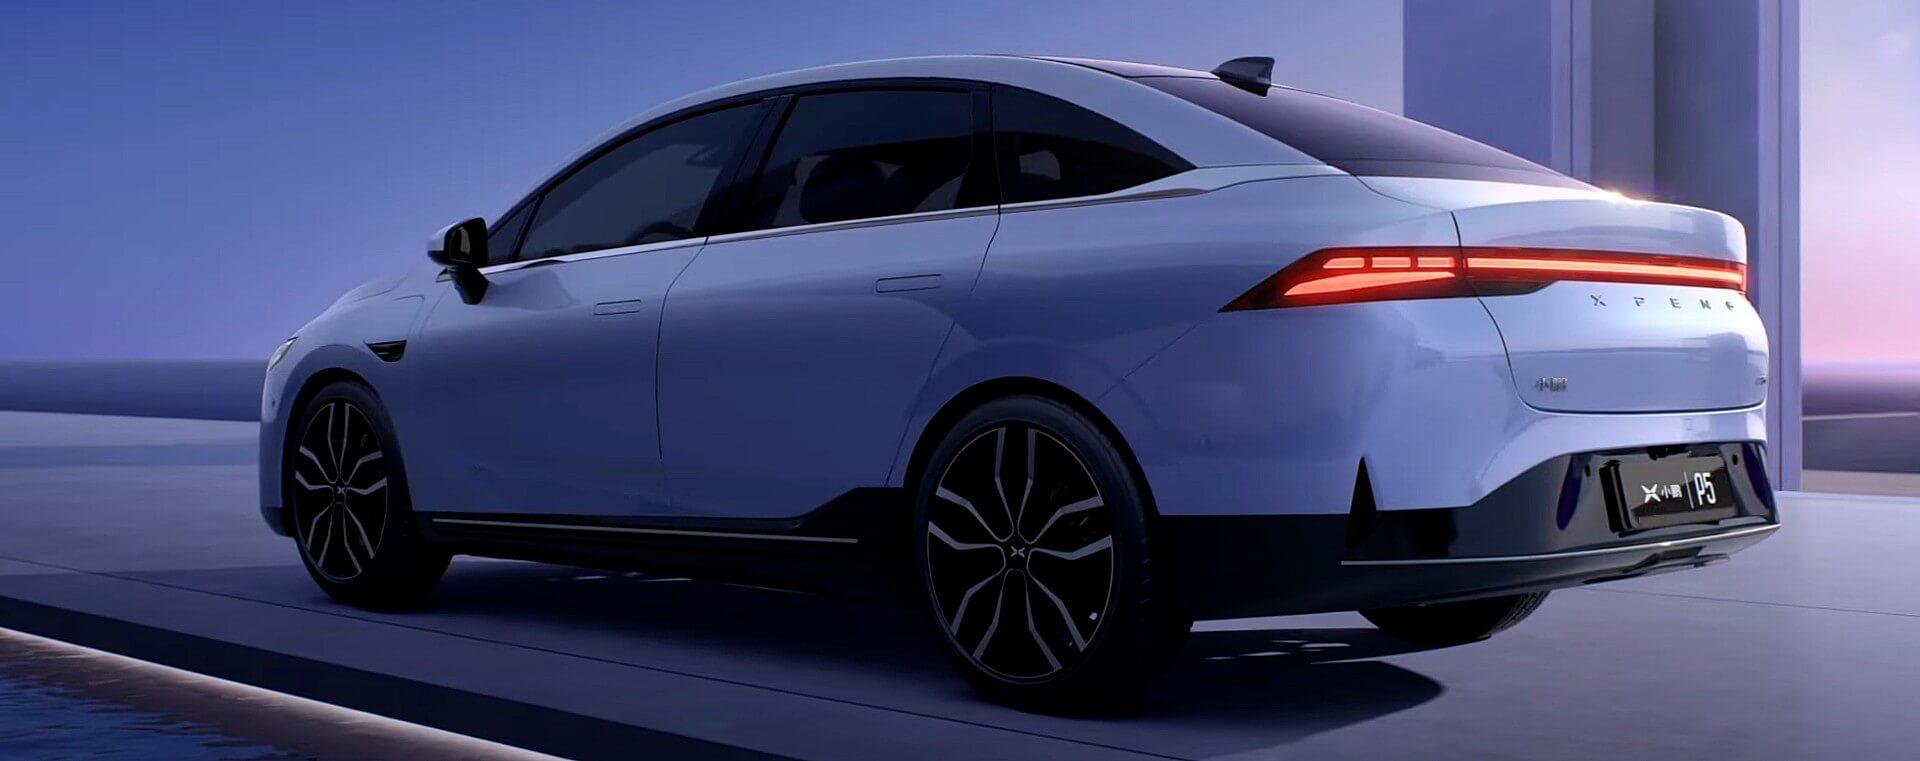 Xpeng представляет новый доступный седан P5, который составит конкуренцию Tesla Model 3